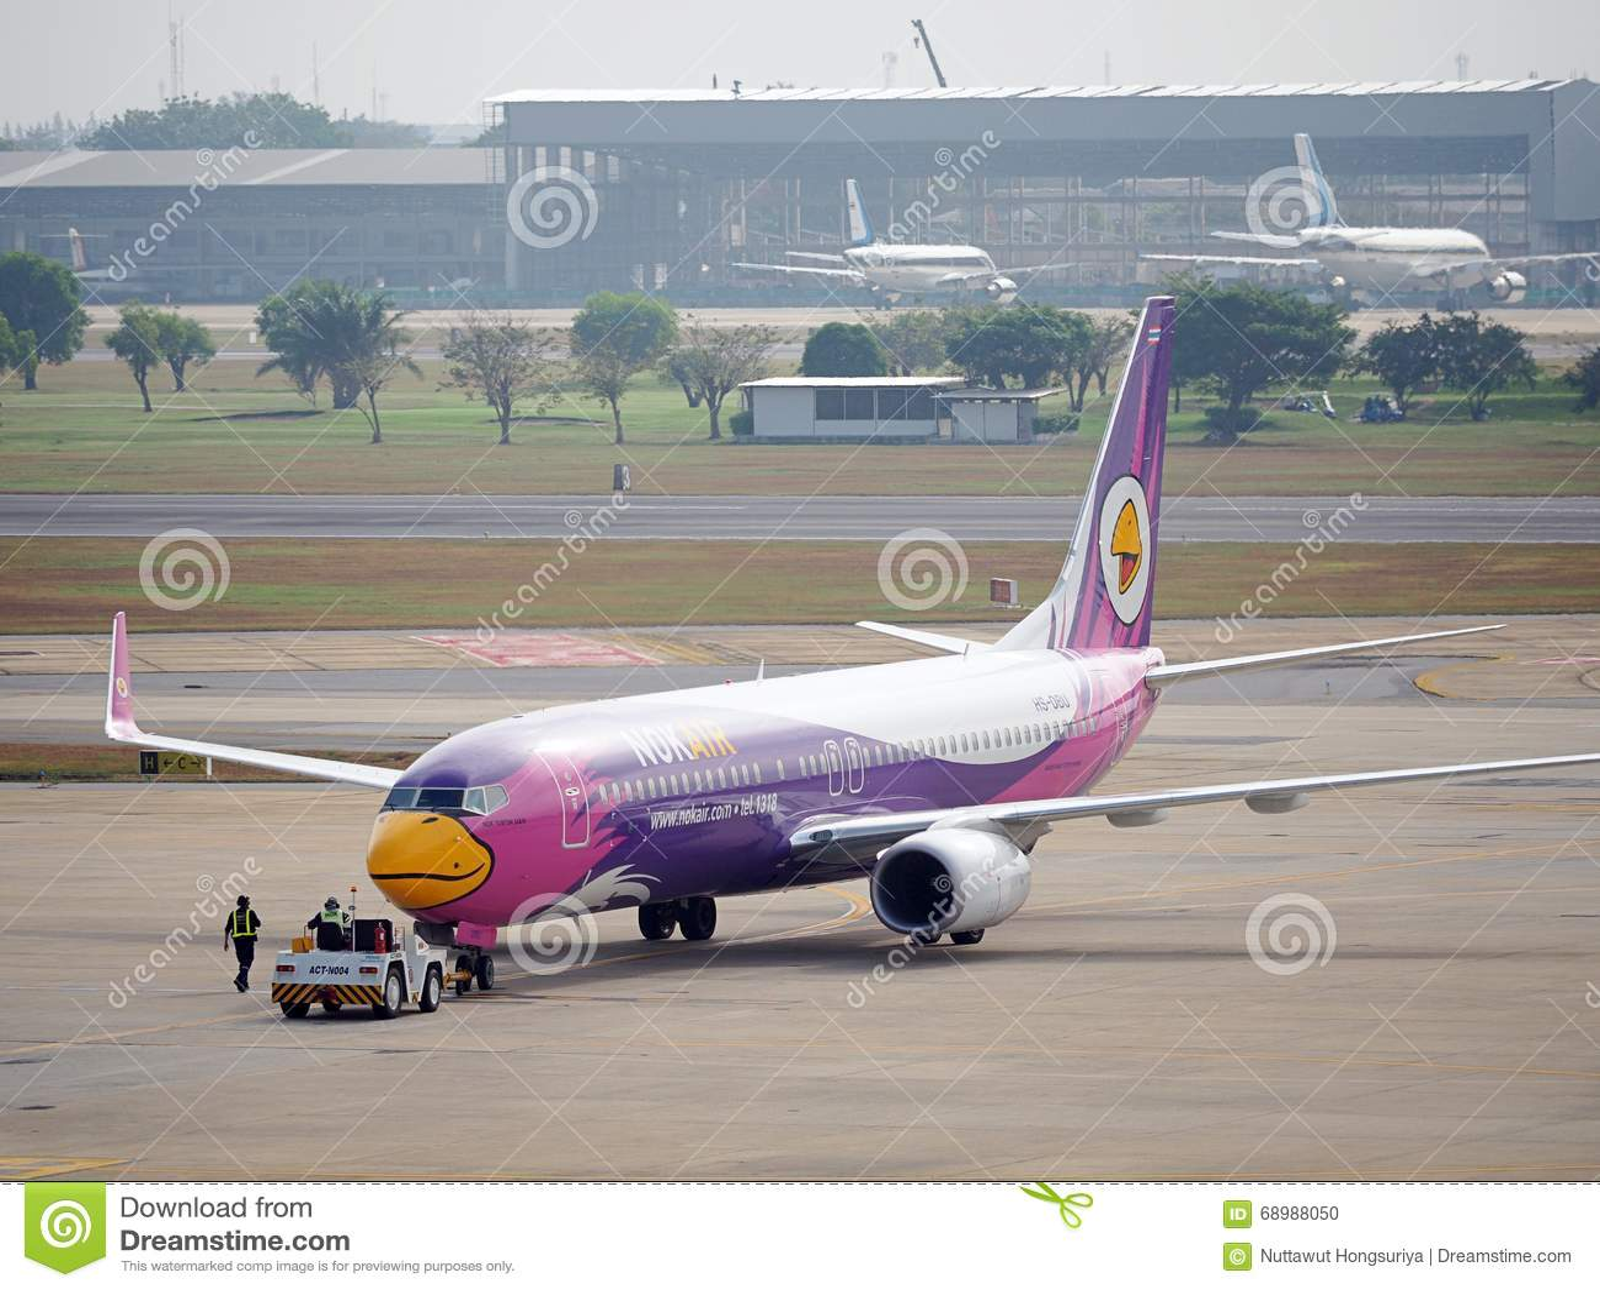 Avión de aire de la NOK, líneas aéreas nacionales en Tailandia